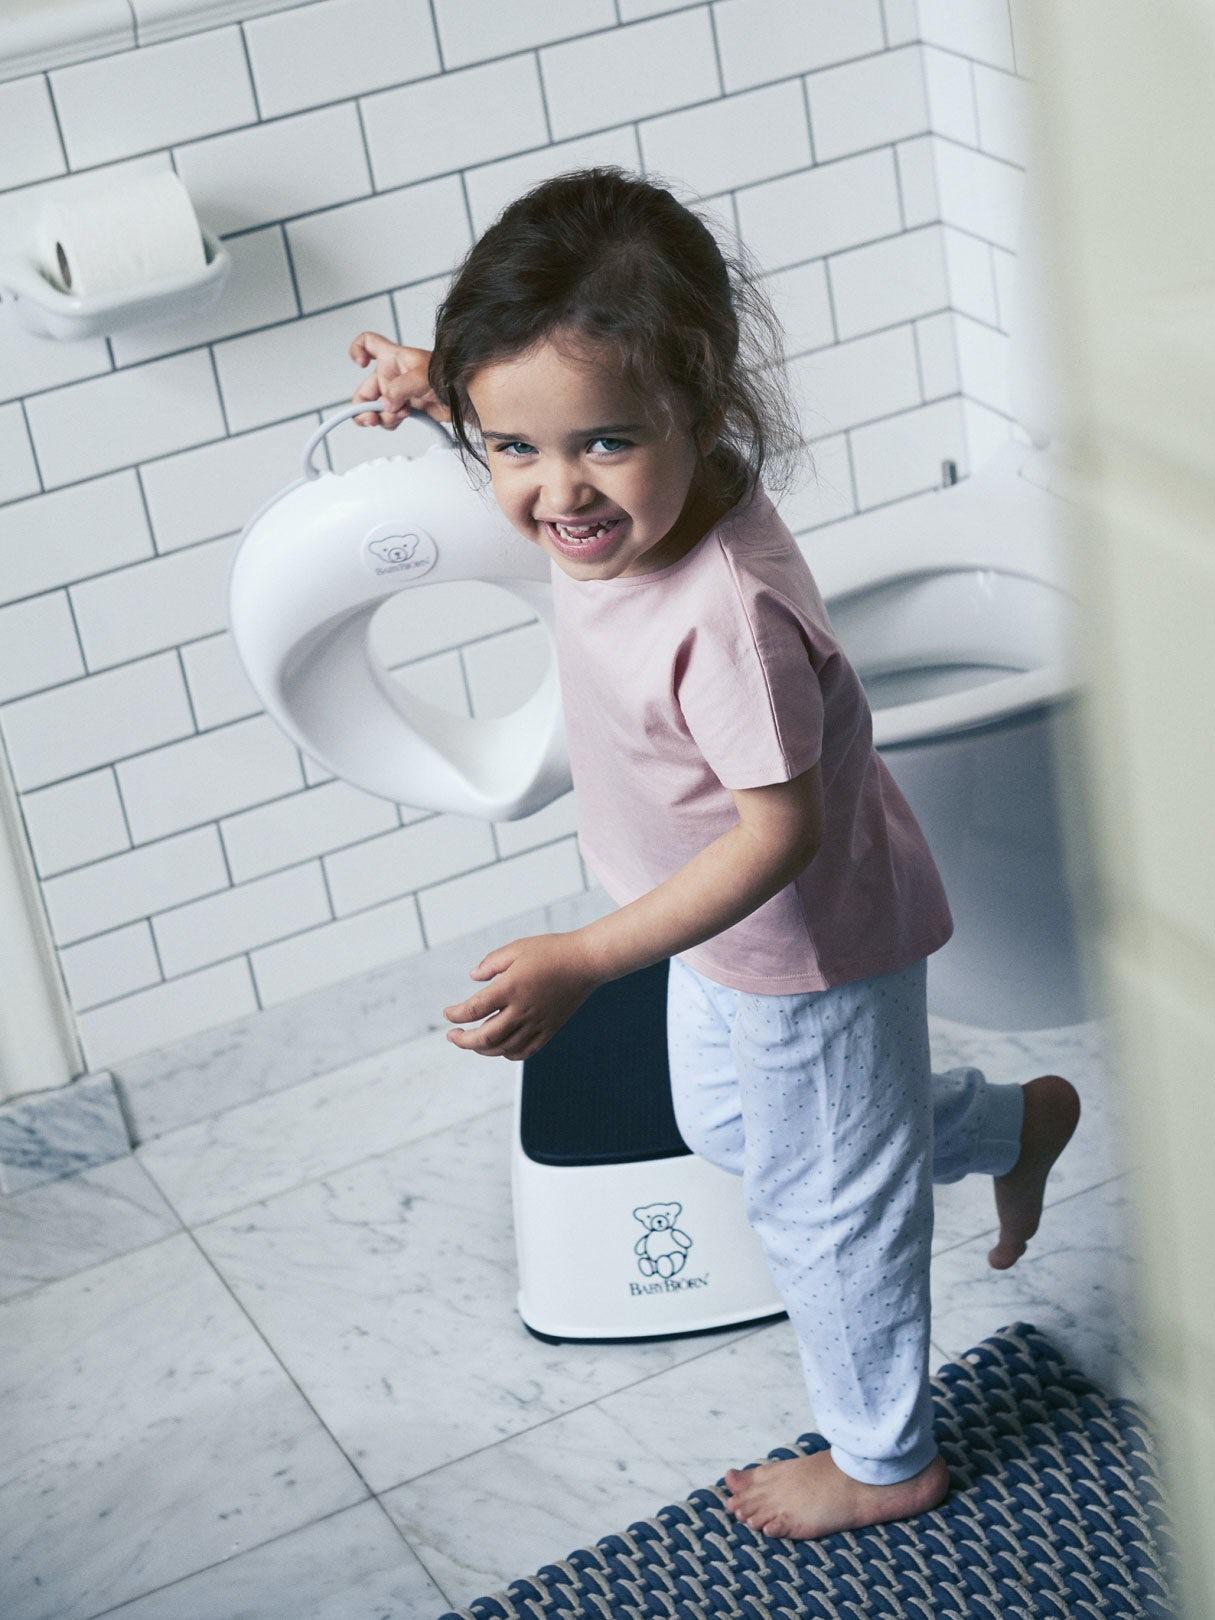 Toilette Blanc Et Gris réducteur de toilette pratique pour enfant   babybjÖrn